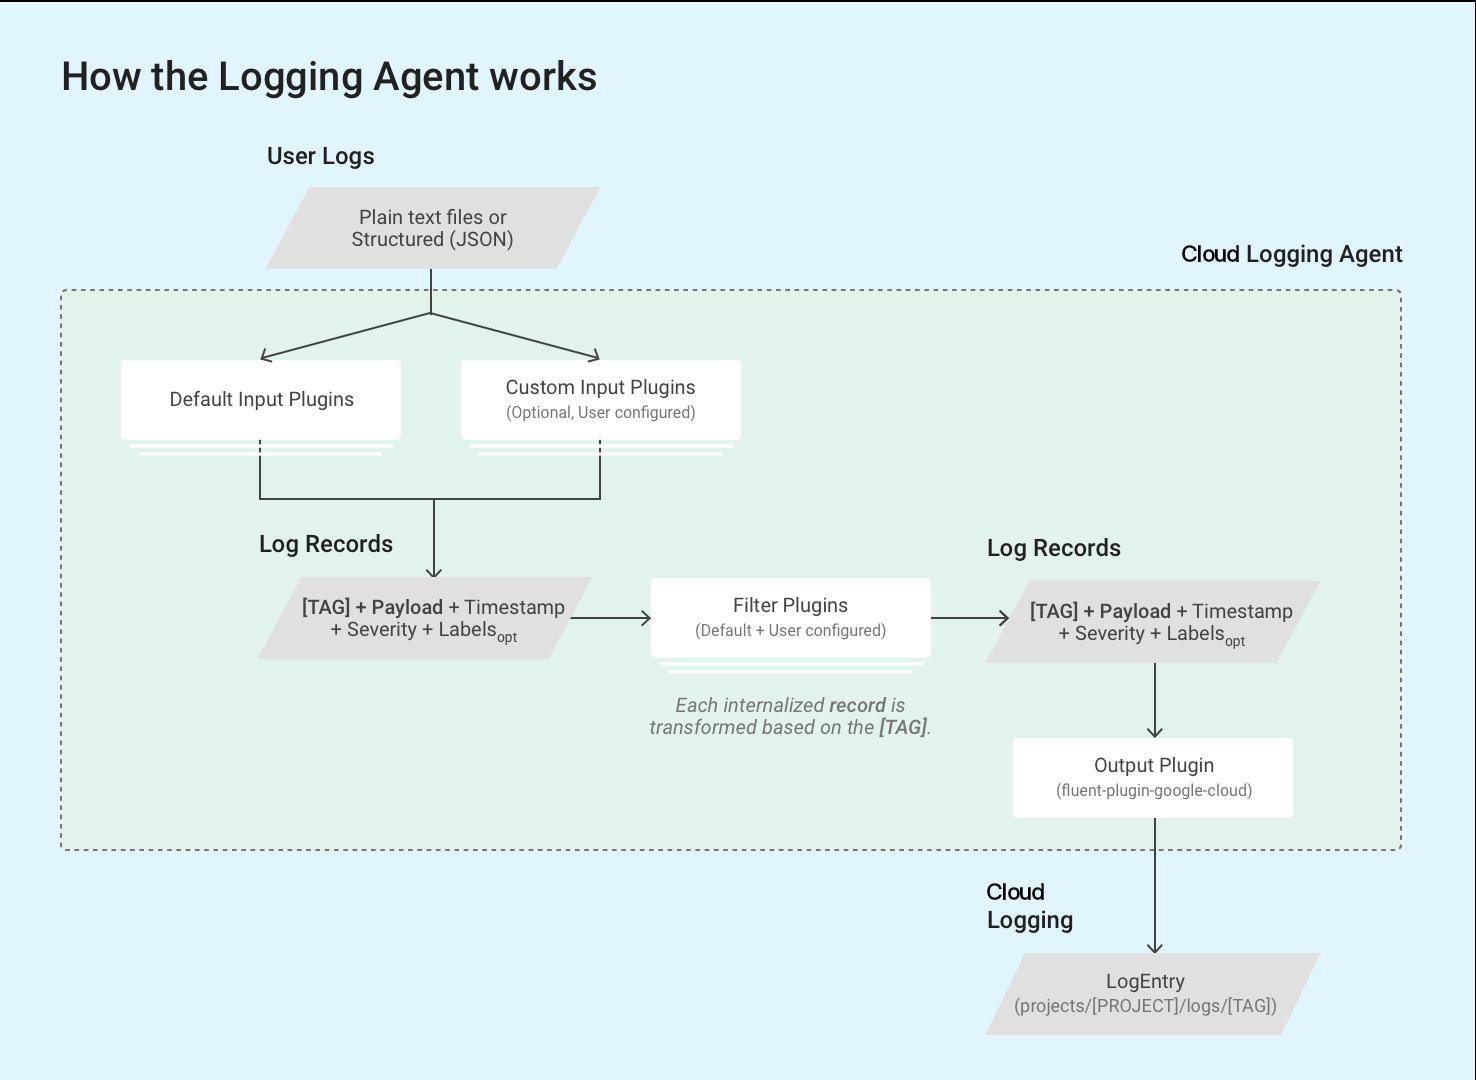 Fonctionnement de l'agent Logging